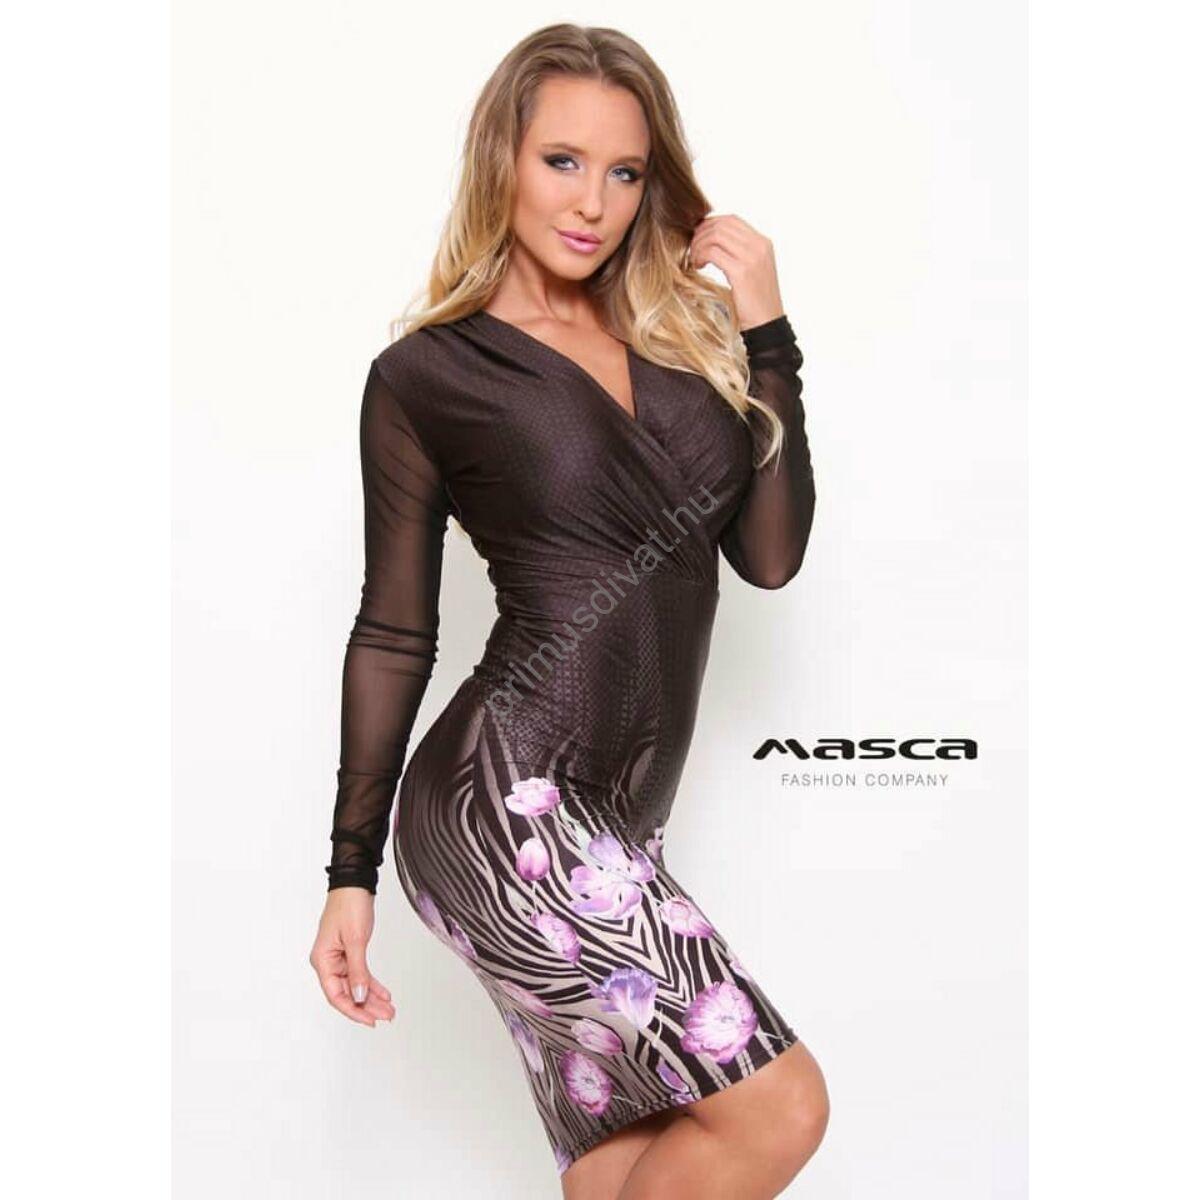 Masca Fashion rugalmas muszlin hosszú ujjú, átlapolt mellrészű szűk miniruha lilás virágokkal